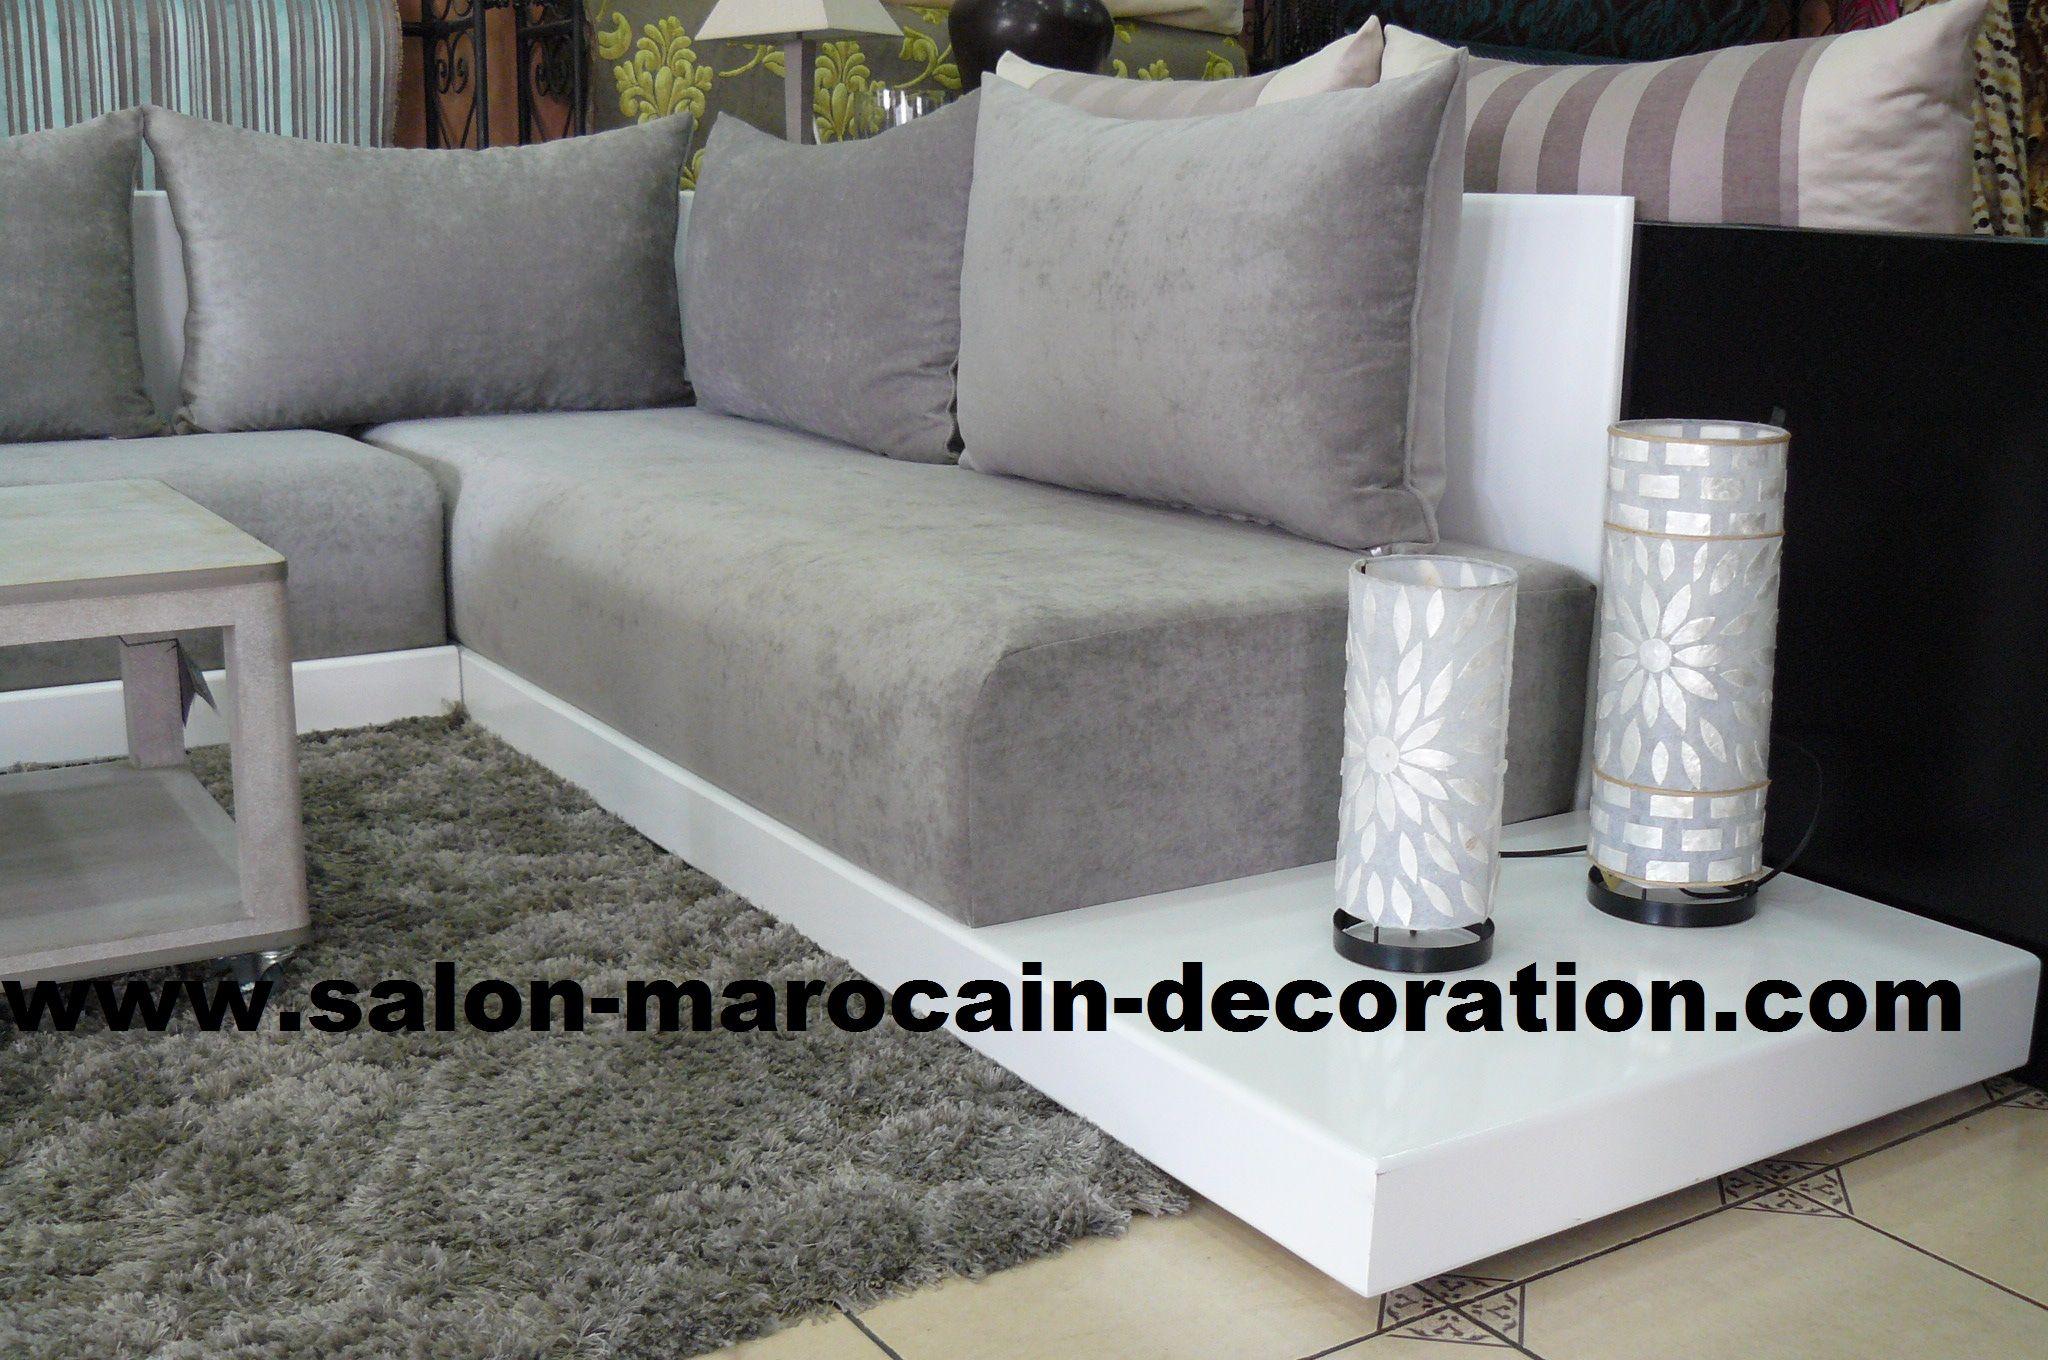 sedari pour salon marocain sur mesure  Casa  Salon marocain Salons et Deco salon